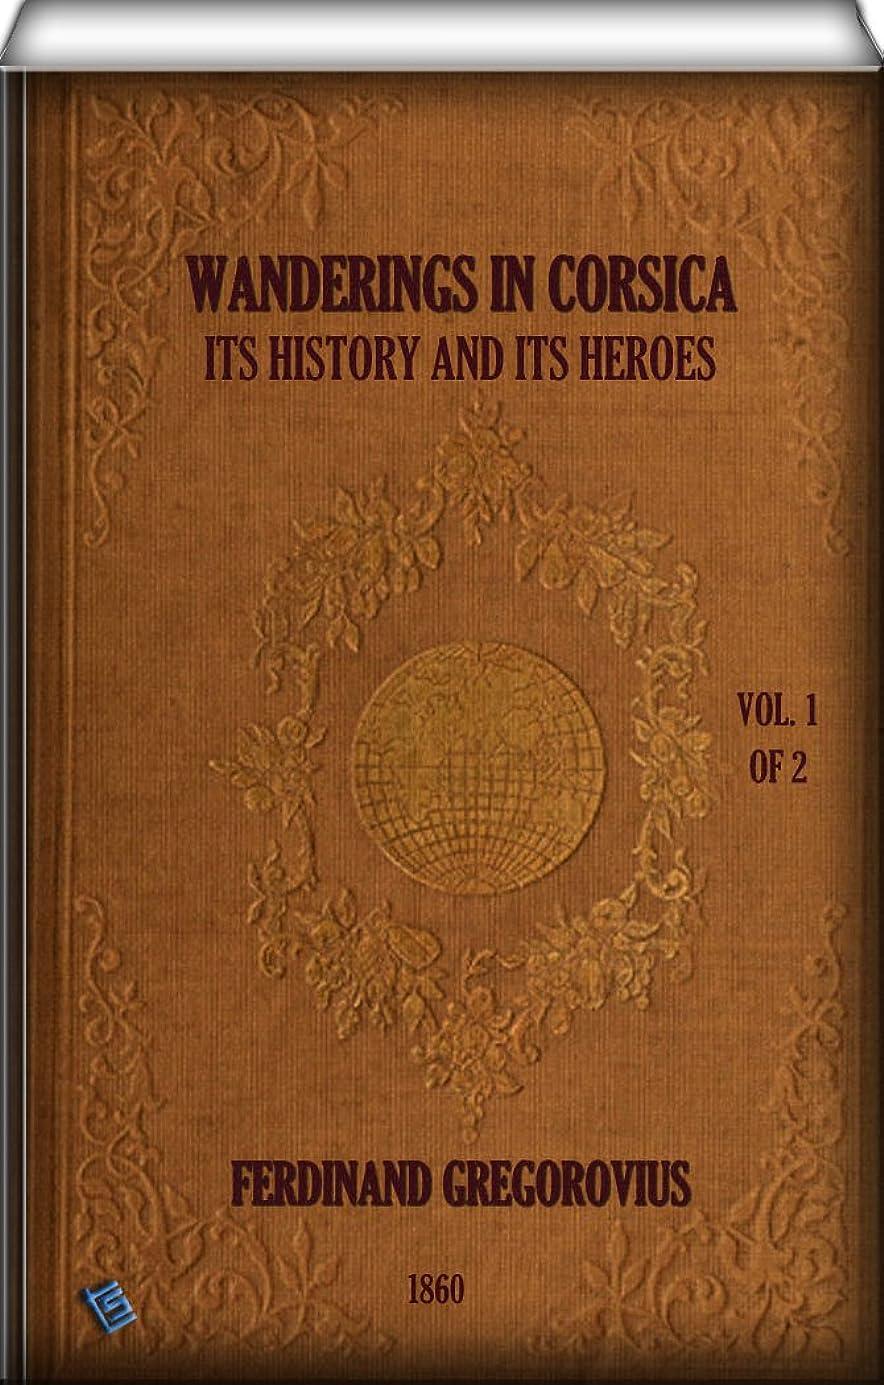 セント年金受給者リーガンWanderings in Corsica  (Vol. 1 of 2): Its History and Its Heroes (English Edition)